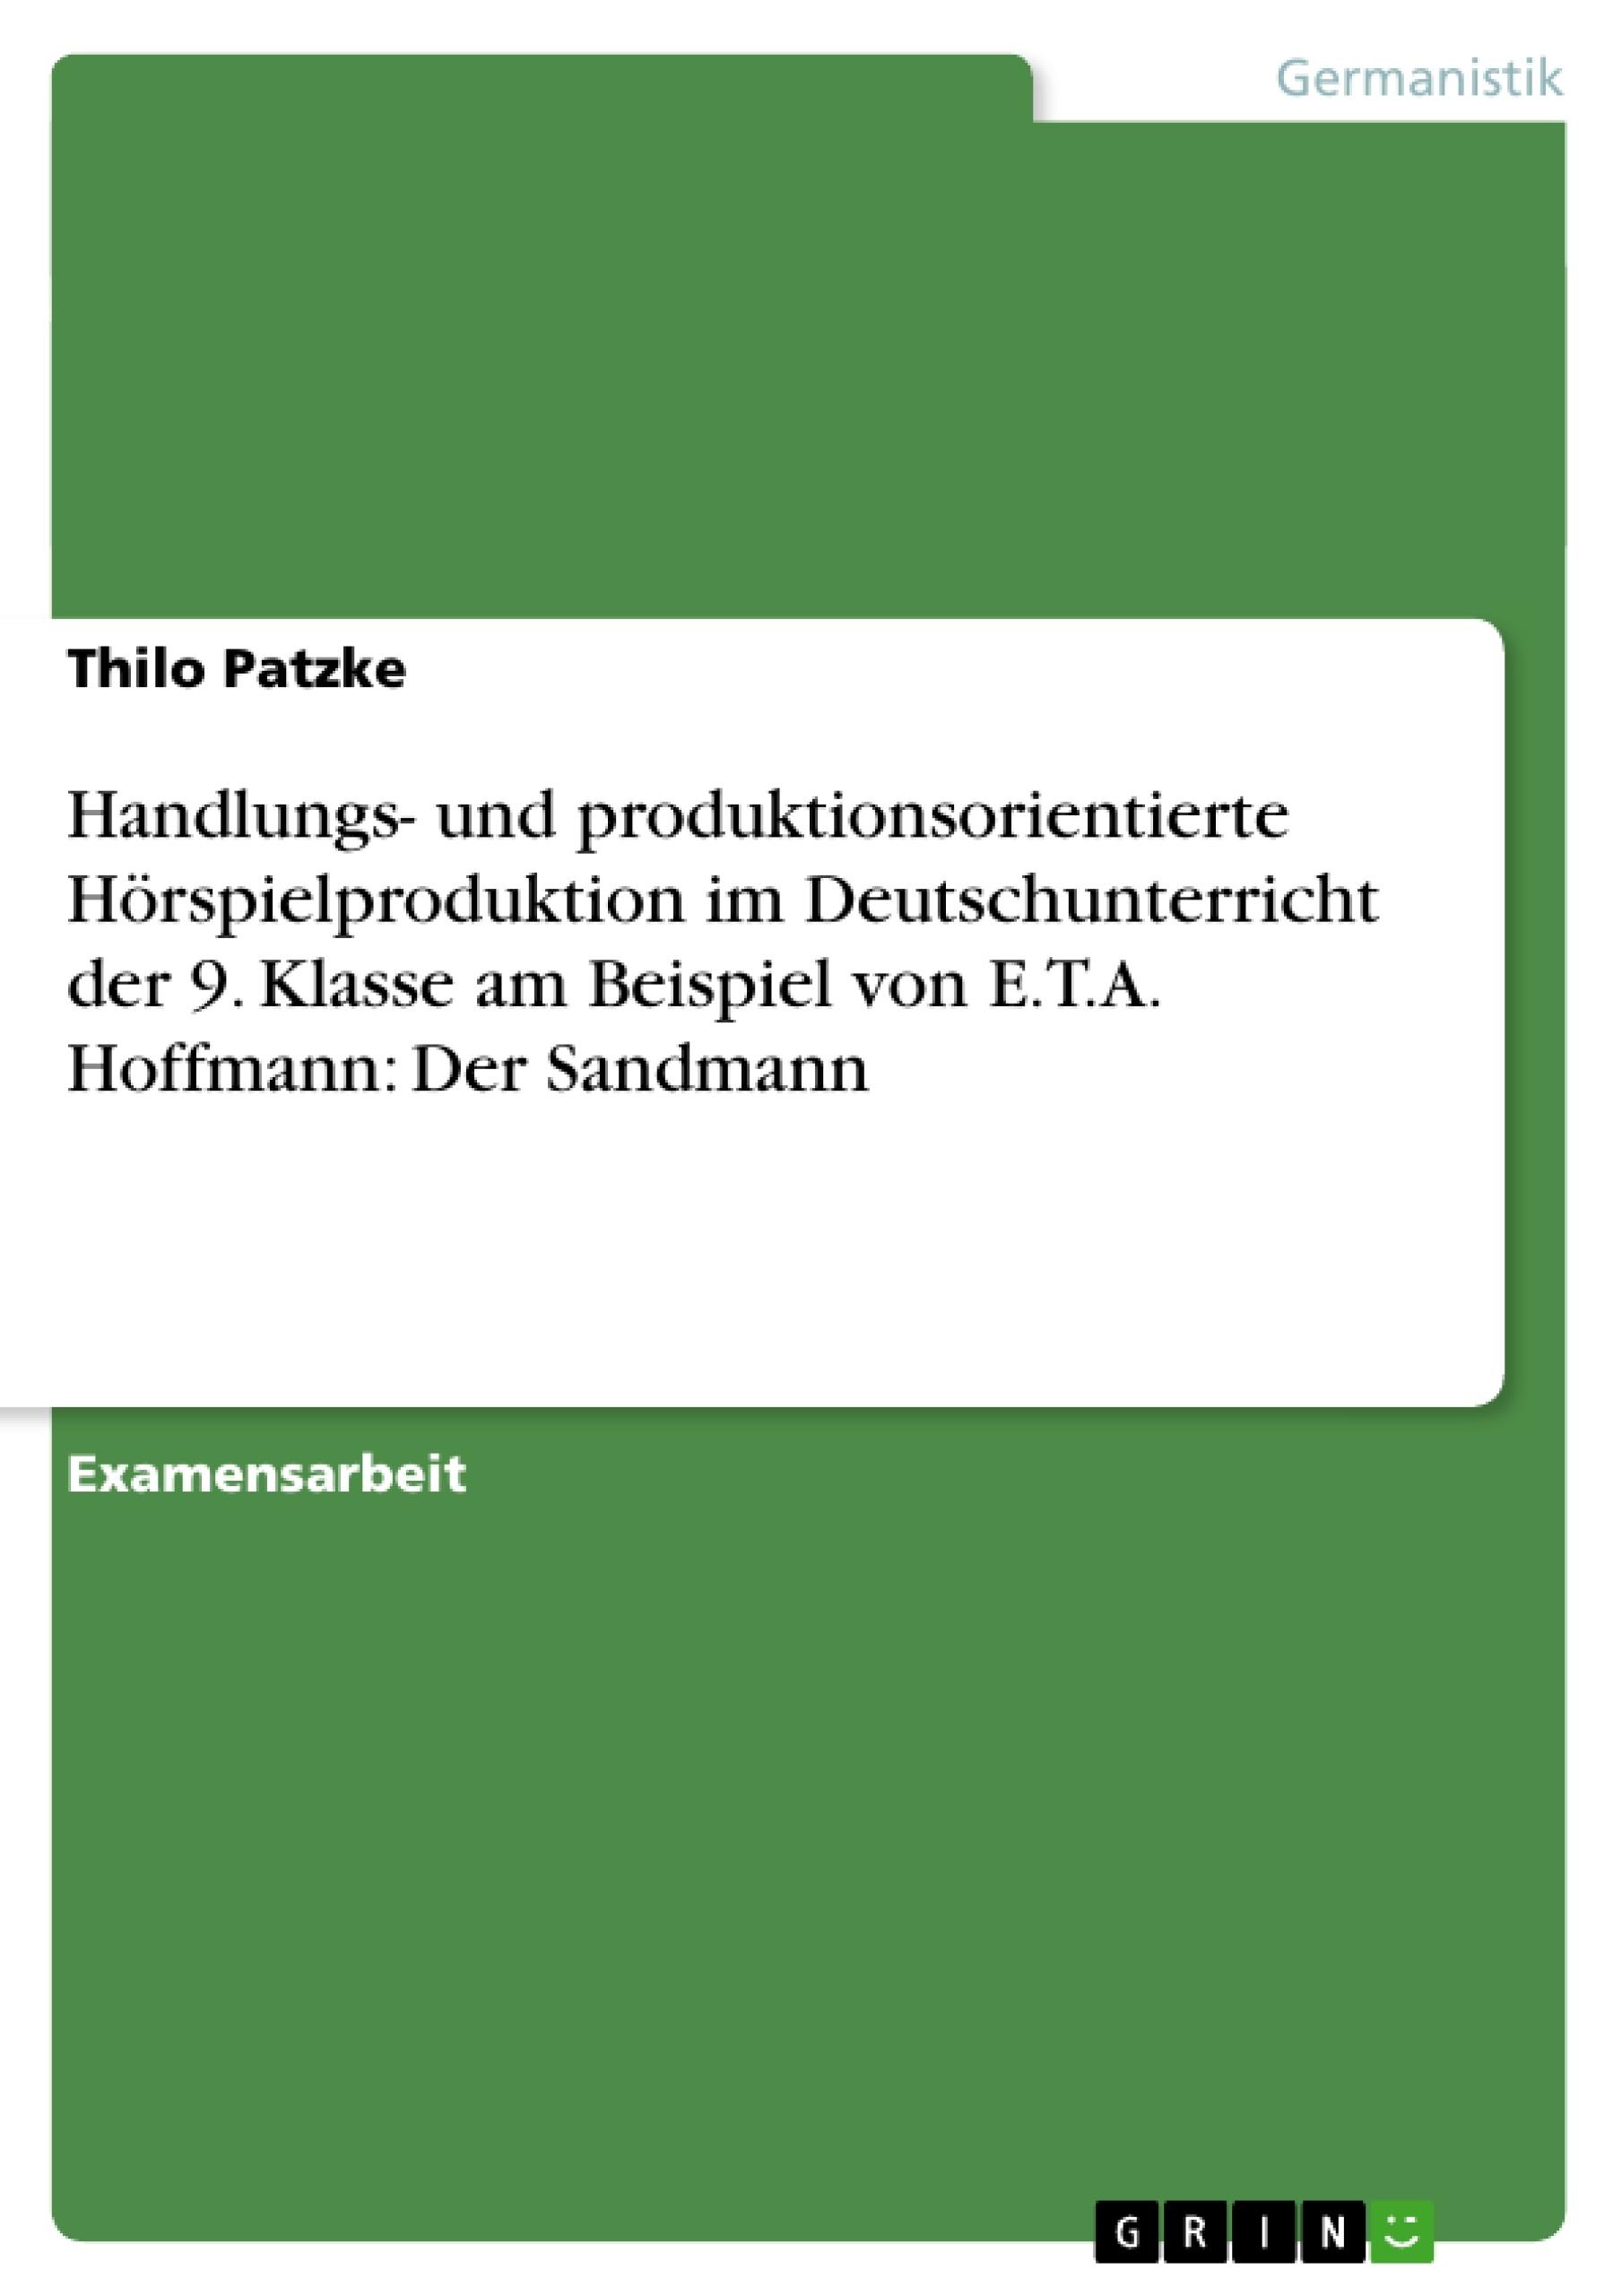 Titel: Handlungs- und produktionsorientierte Hörspielproduktion im Deutschunterricht der 9. Klasse am Beispiel von E.T.A. Hoffmann: Der Sandmann